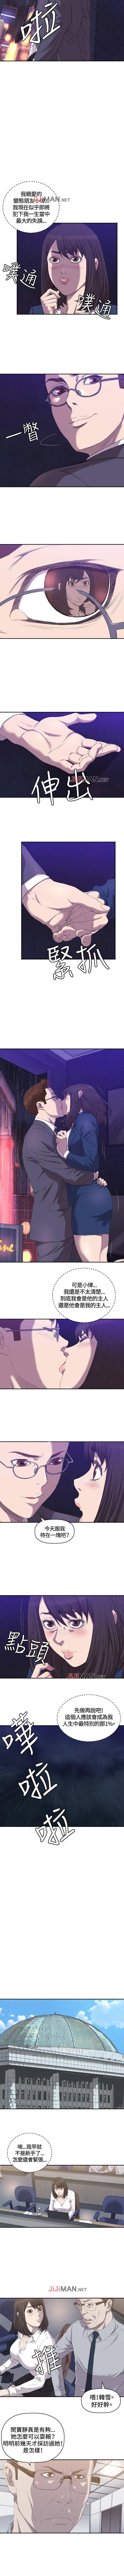 【已完结】索多玛俱乐部(作者:何藝媛&庫奈尼) 第1~32话 34